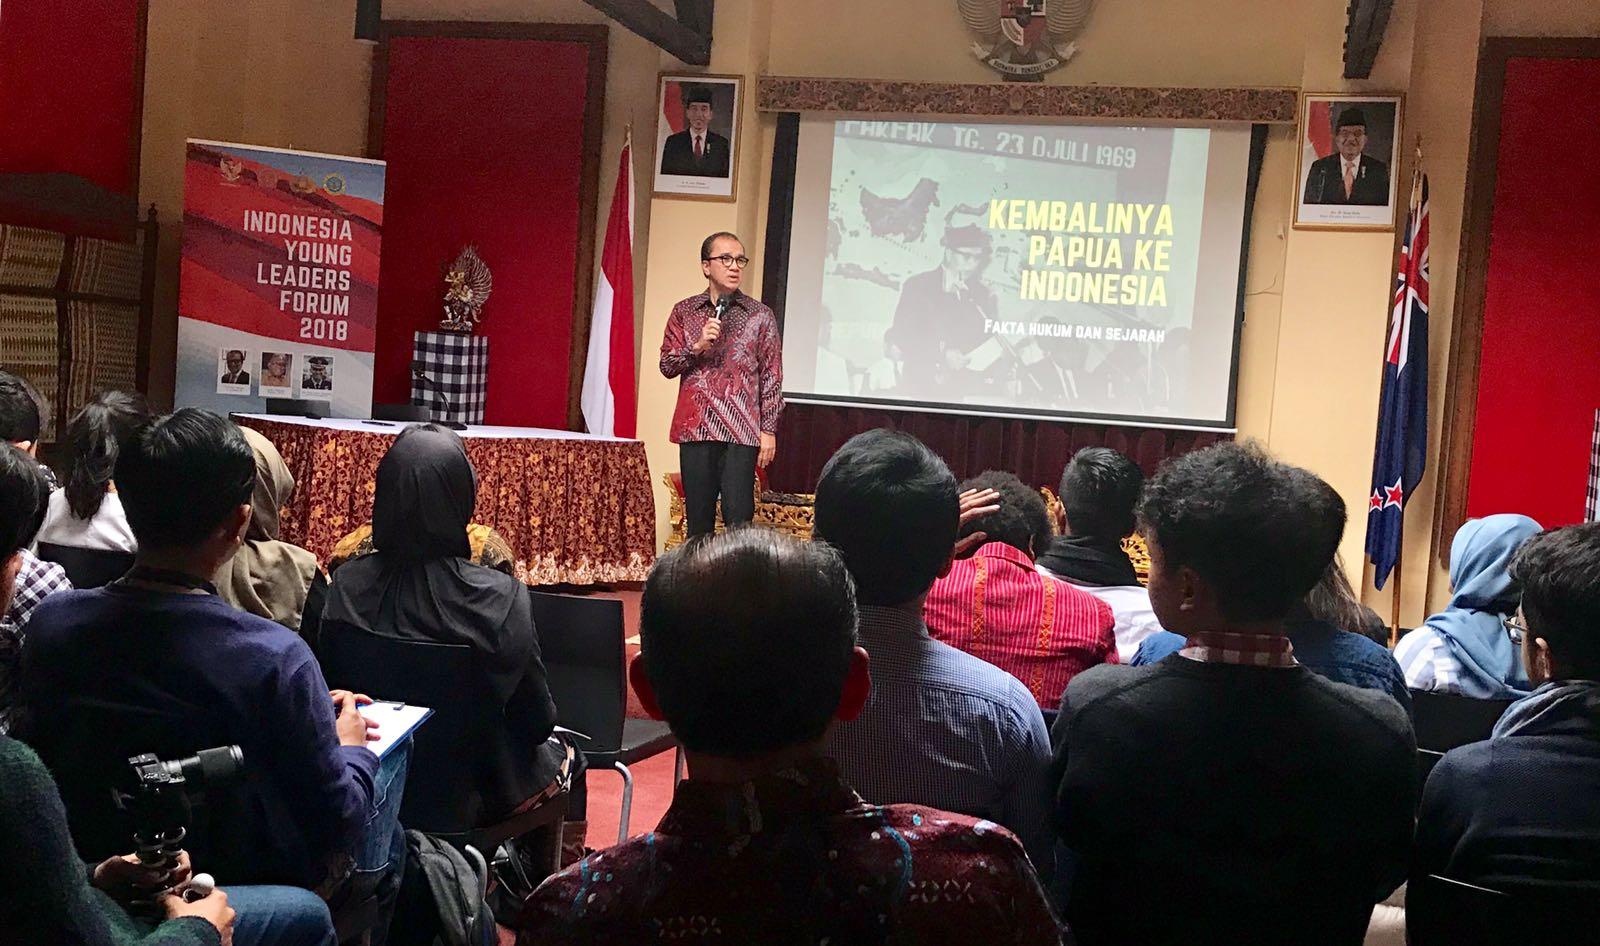 https: img.okeinfo.net content 2018 07 23 65 1925930 tumbuhkan-jiwa-nasionalisme-mahasiswa-indonesia-di-selandia-baru-ikuti-pembekalan-bela-negara-zM18clBw8z.jpg